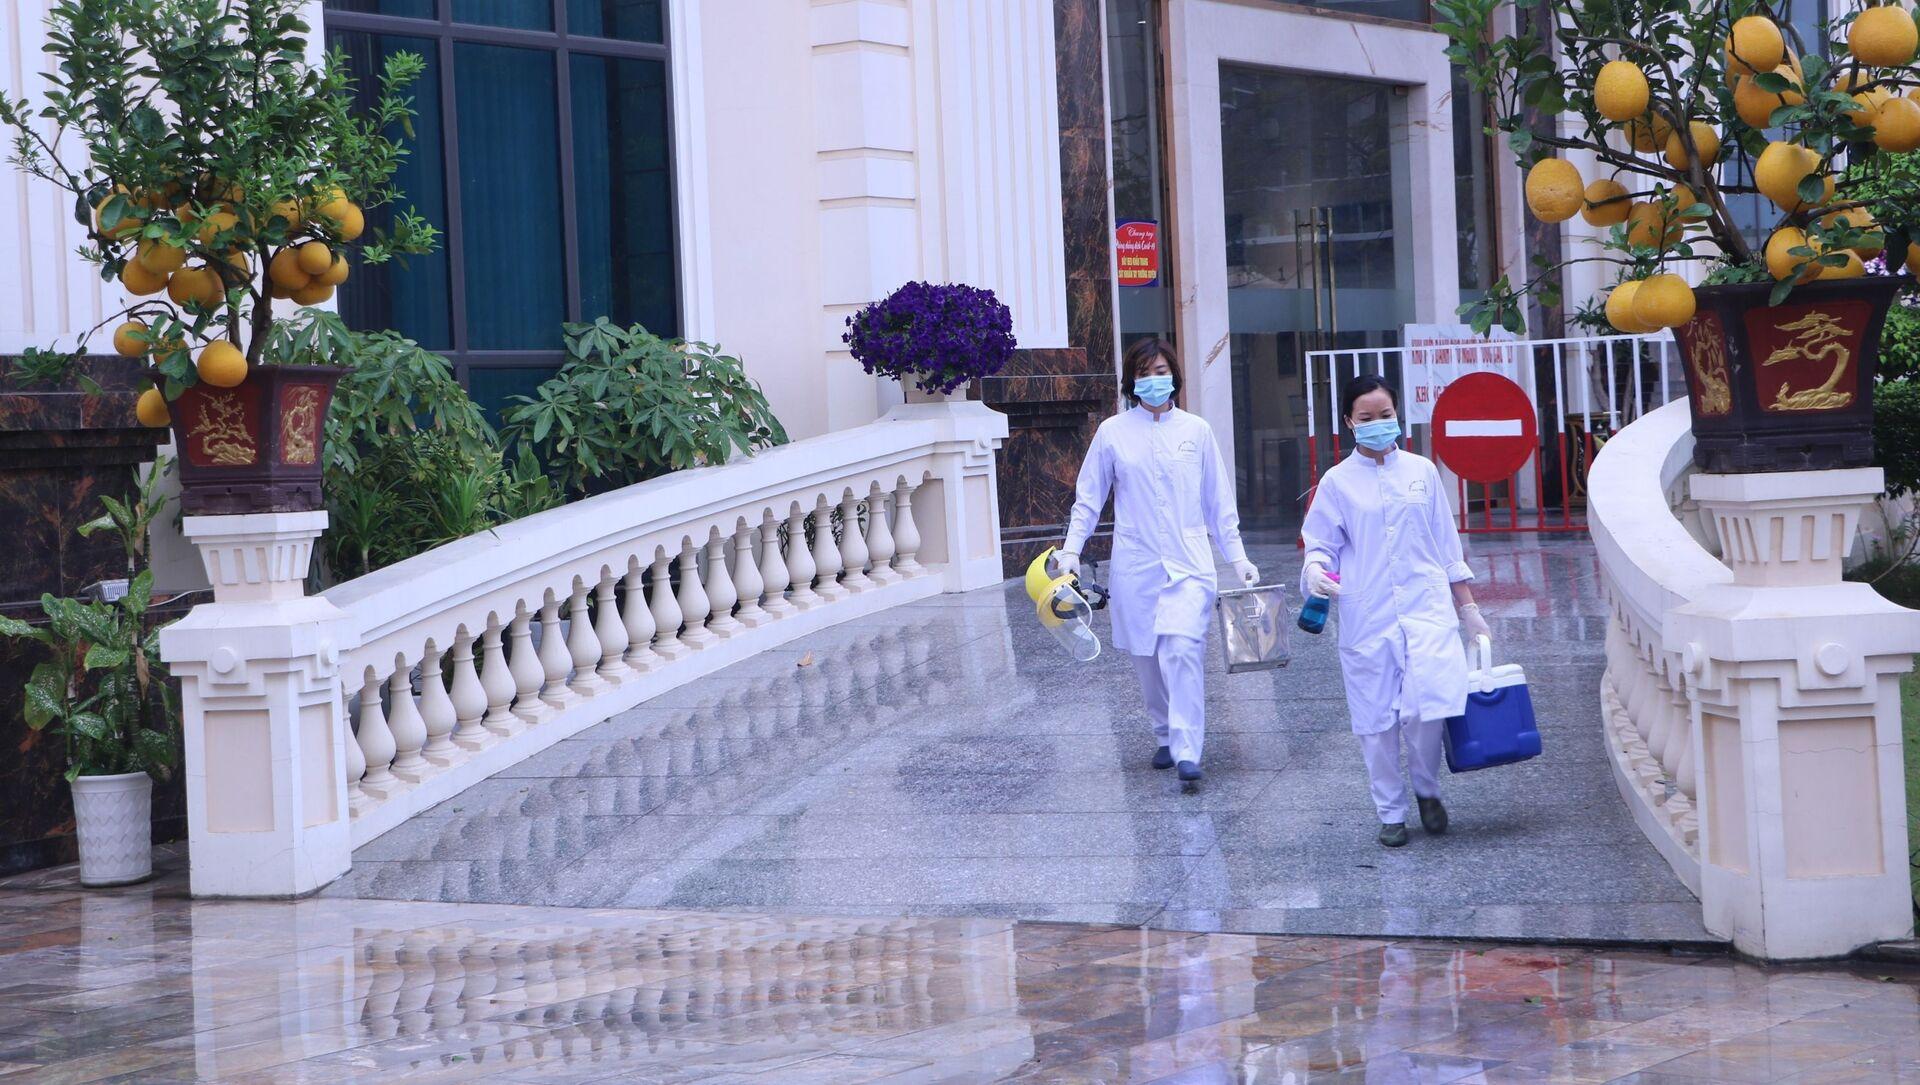 Cán bộ Trung tâm Y tế dự phòng Hải Phòng tiếp tục đến các điểm cách ly y tế lấy mẫu xét nghiệm cho các chuyên gia - Sputnik Việt Nam, 1920, 20.04.2021